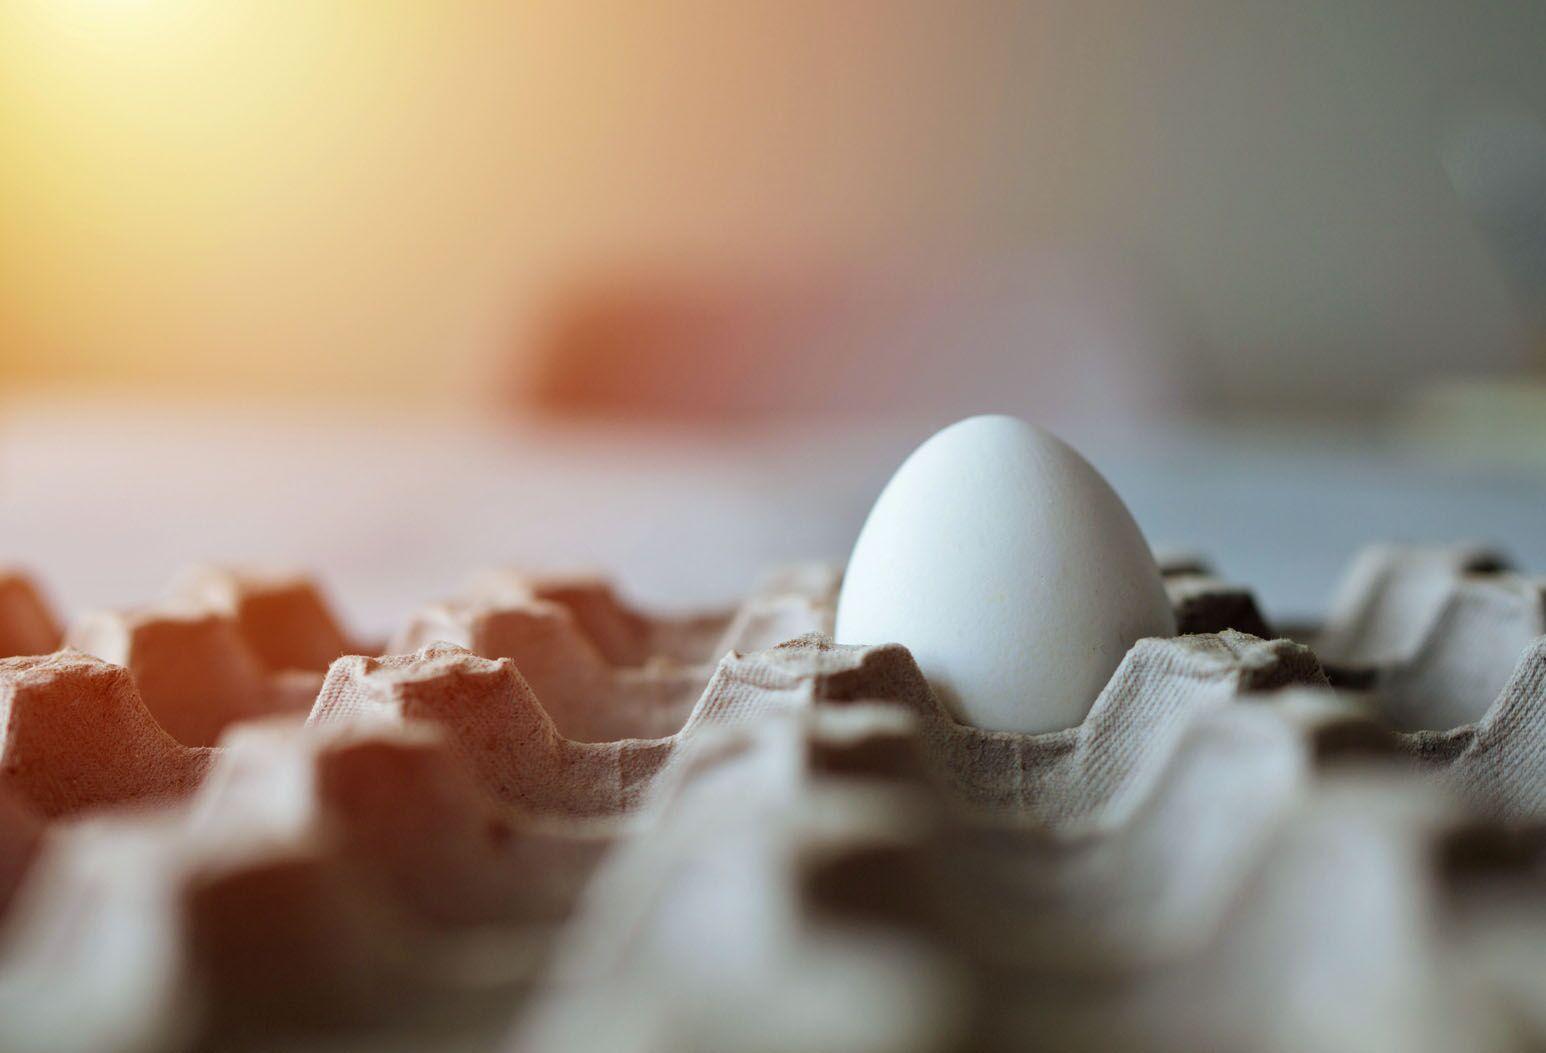 A sole egg in a carton